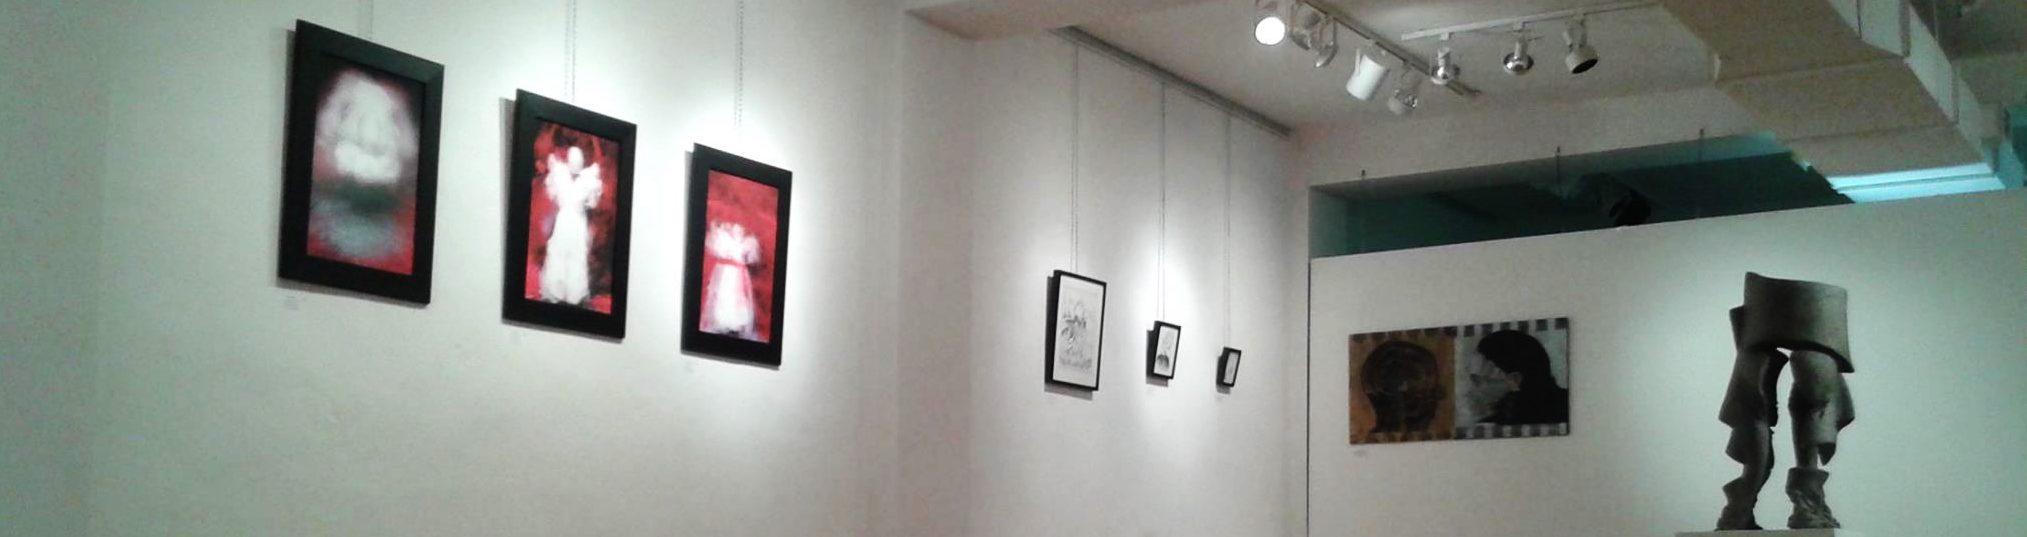 Exhibition at l'Artothèque